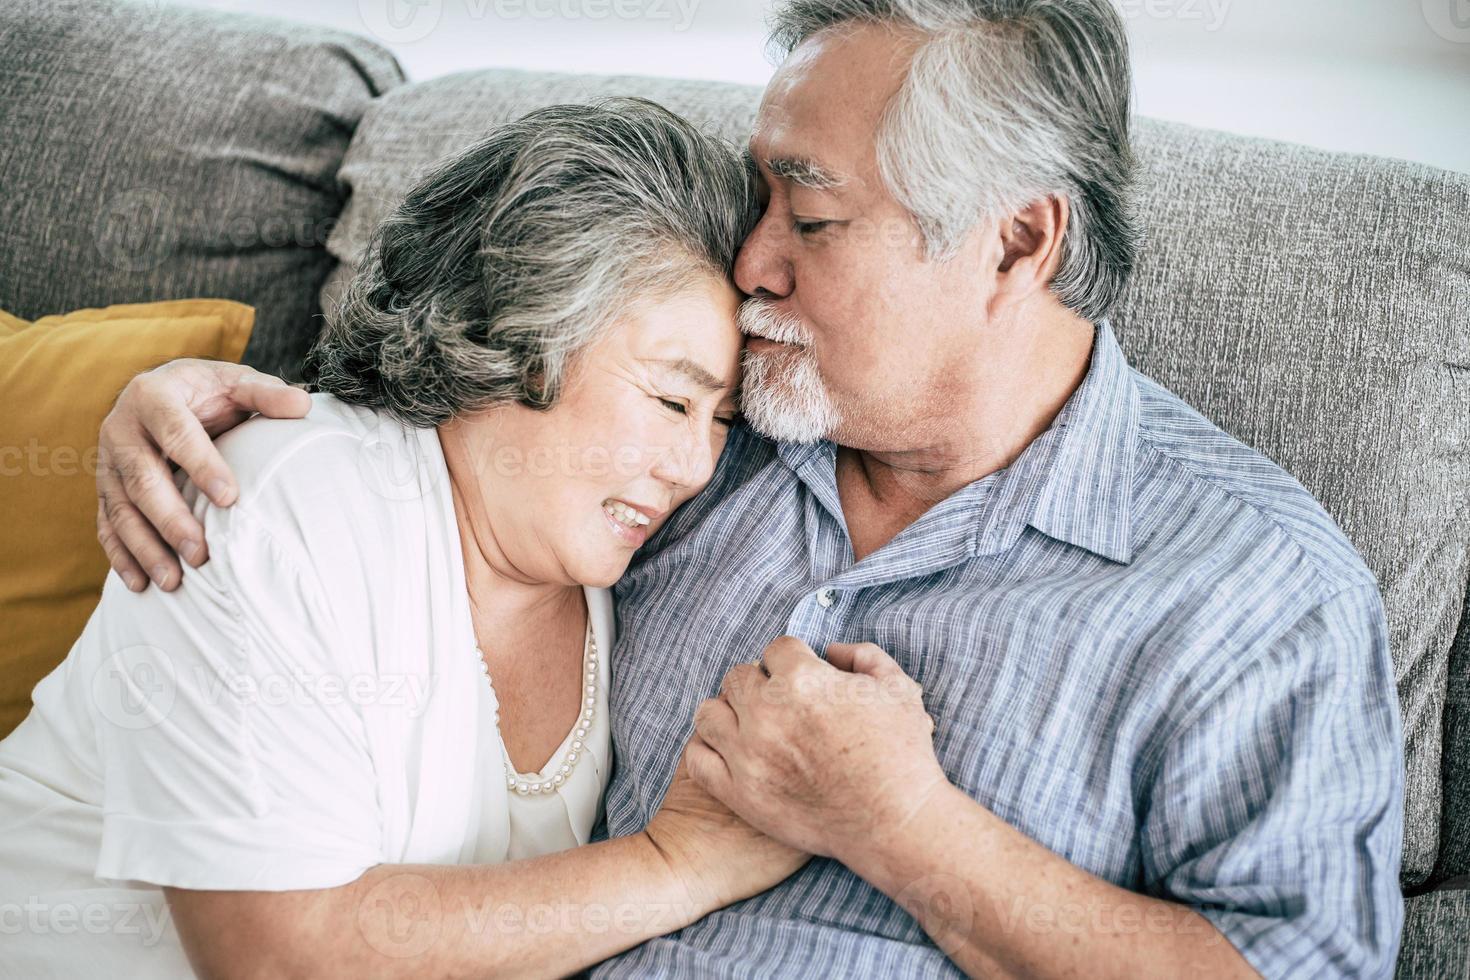 coppia senior che giocano insieme nel soggiorno foto